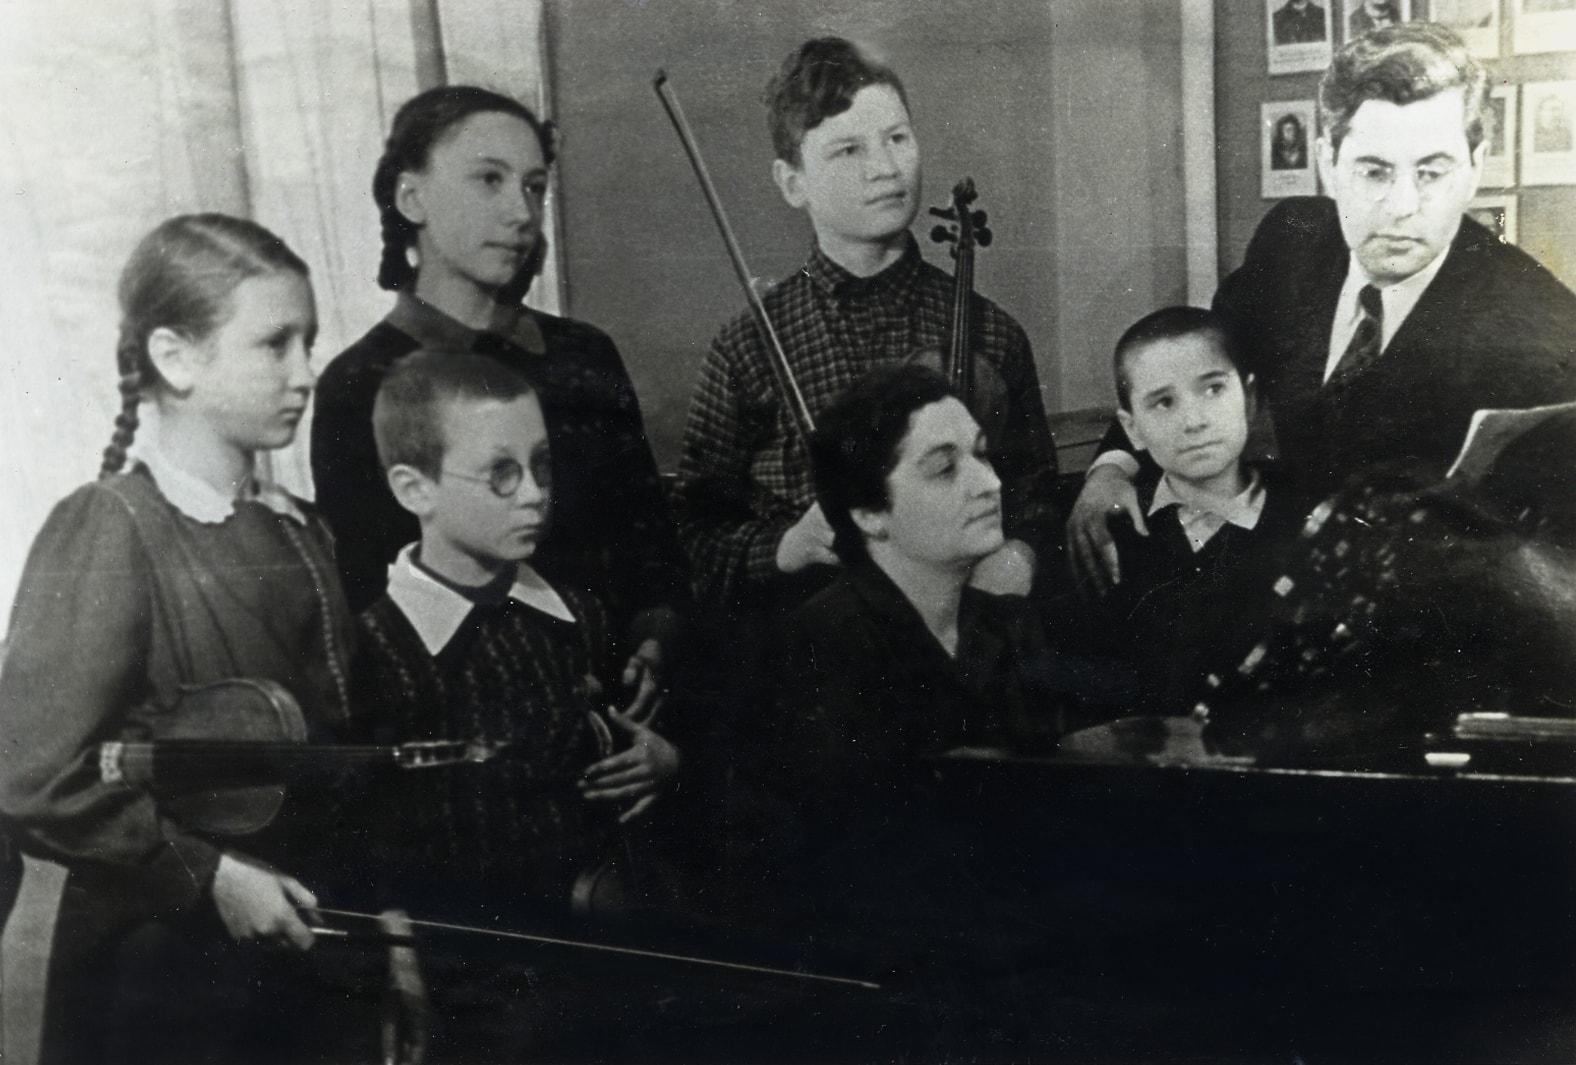 Педагог Леон Борисович Закс со своим классом в Школе-семилетке имени Гнесиных. В первом ряду второй слева один из его учеников сын Виктор Денисов. 1952 год.